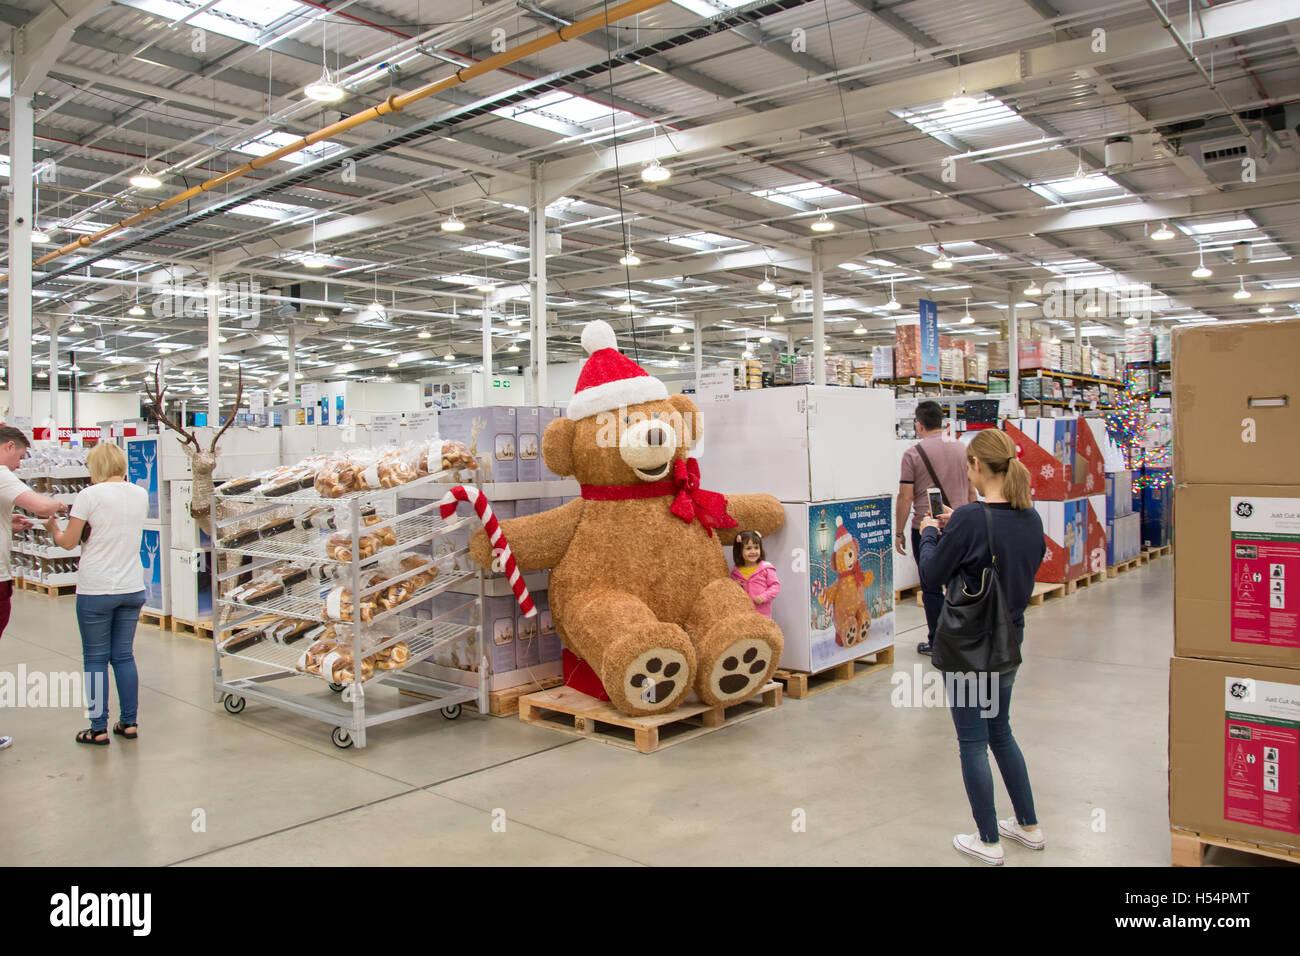 costco wholesale stock photos u0026 costco wholesale stock images alamy